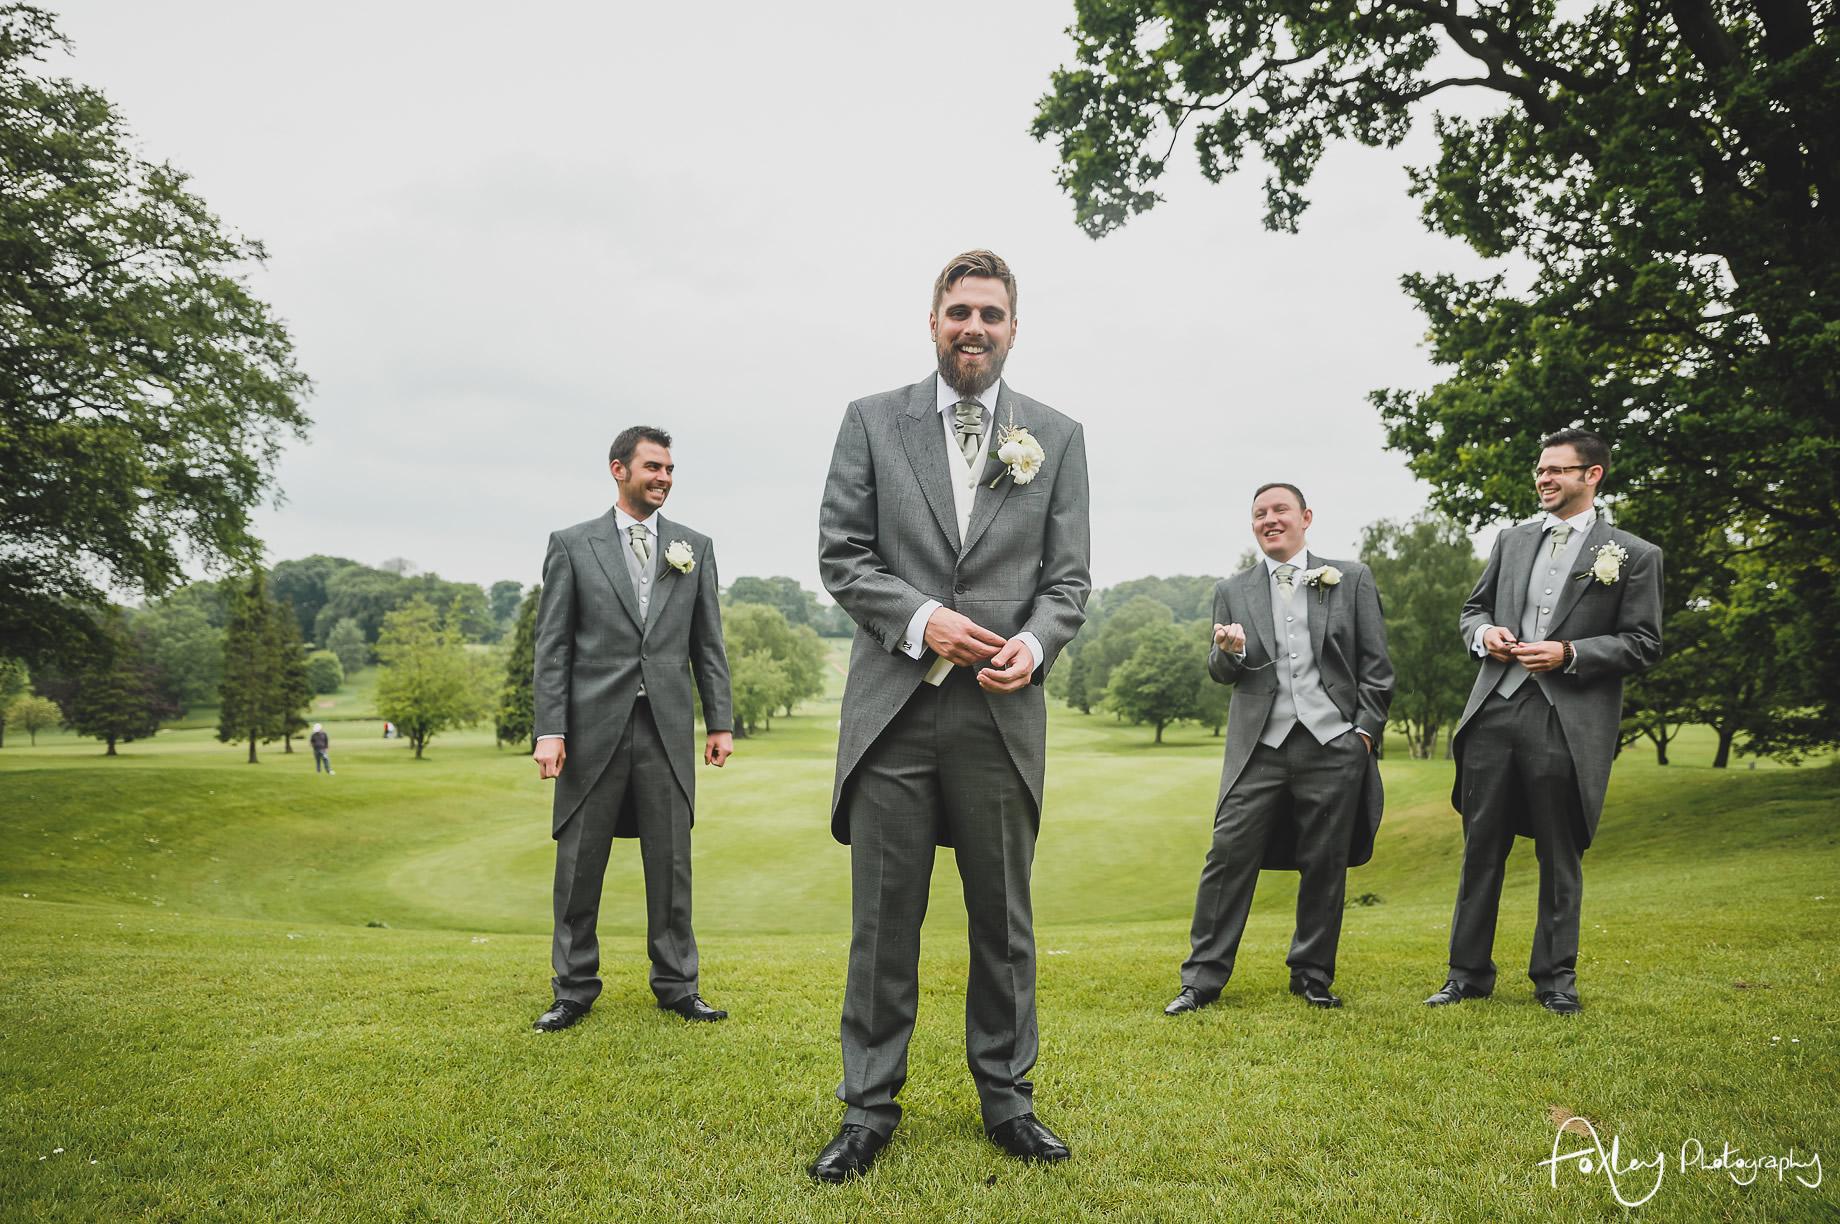 Hanna-and-John-Wedding-at-Oak-Royal-Golf-Club-096